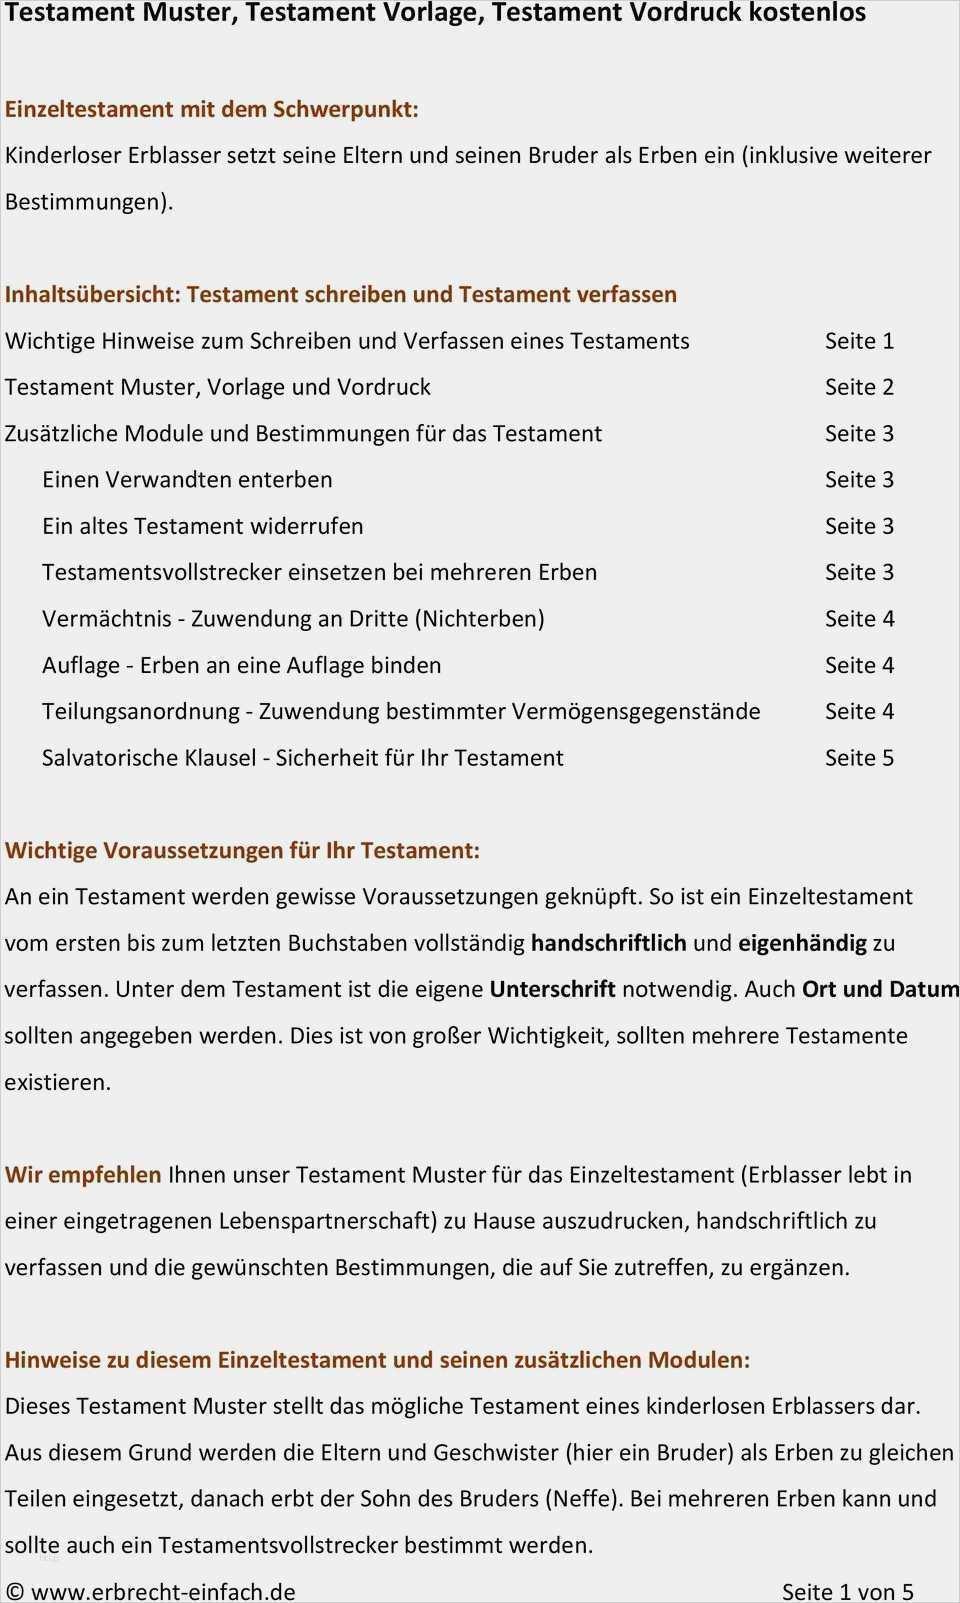 Neu Vorlage Fur Ein Handschriftliches Testament Bilder In 2020 Vorlagen Vorlagen Word Lebenslauf Vorlagen Word